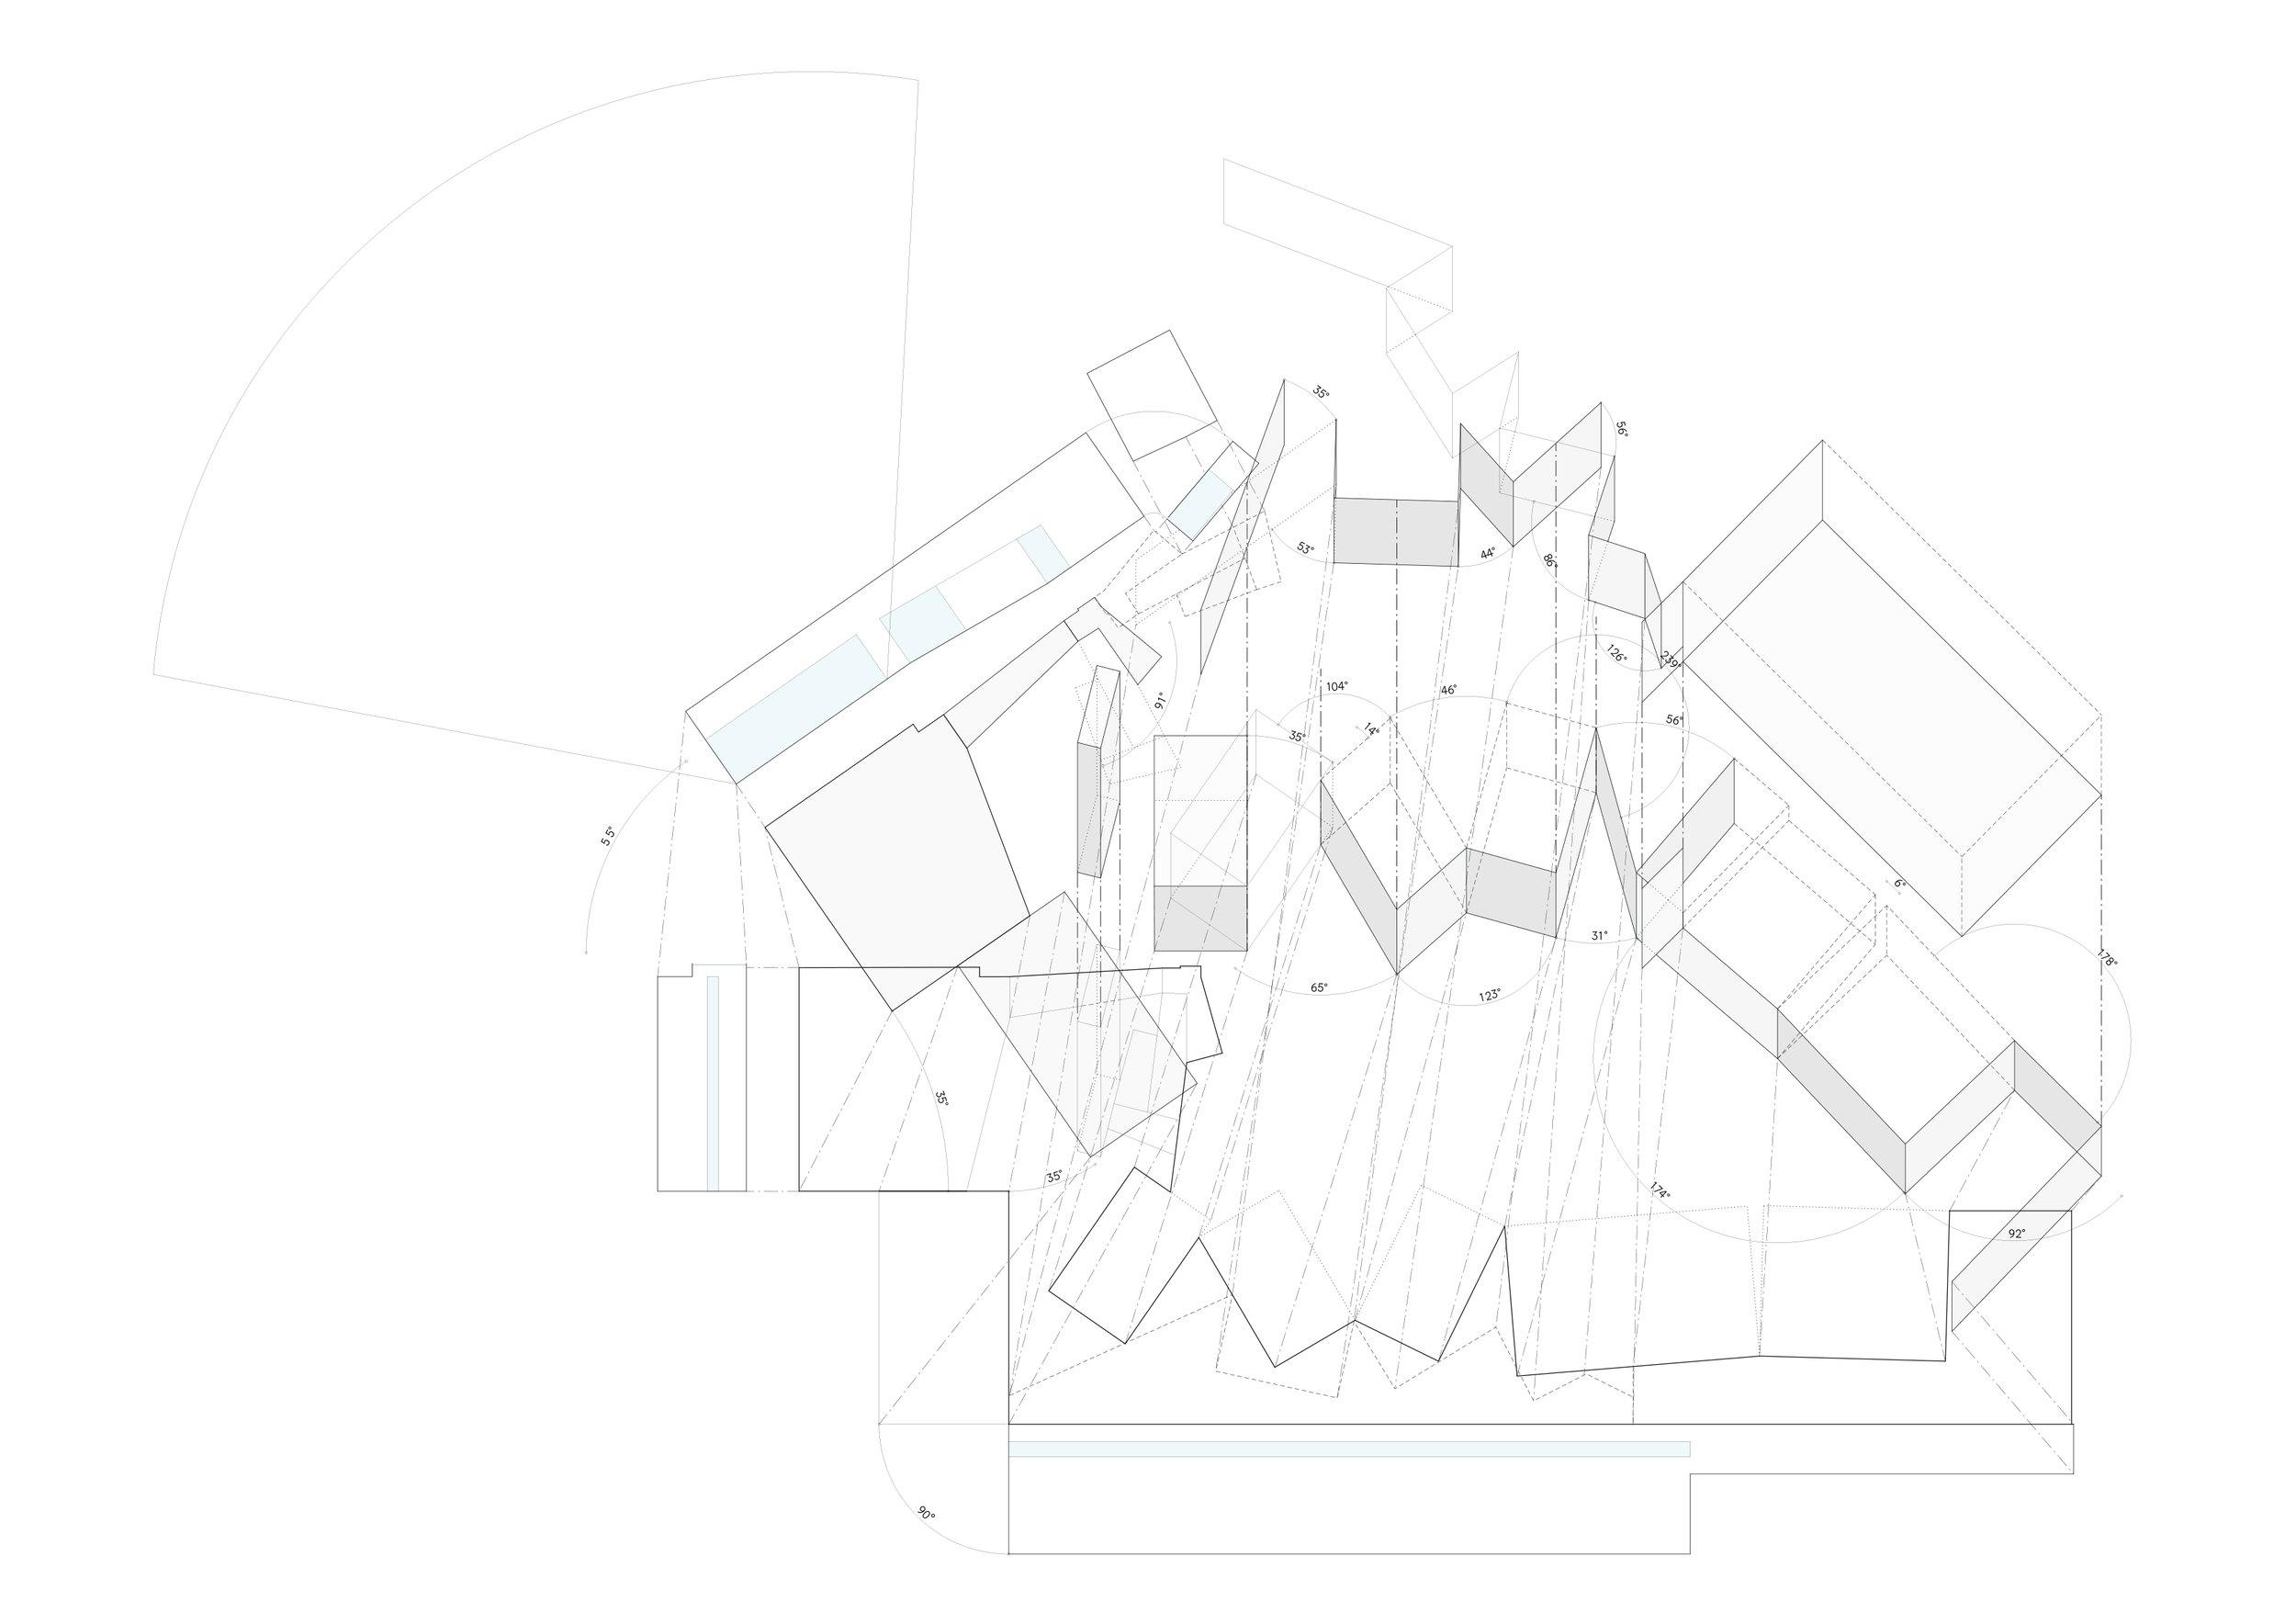 Simple Shapes, Dynamic Spaces ロジカルなプログラム構成と動線計画を追求した先に、イロジカルにも見える動的な空間をデザイン